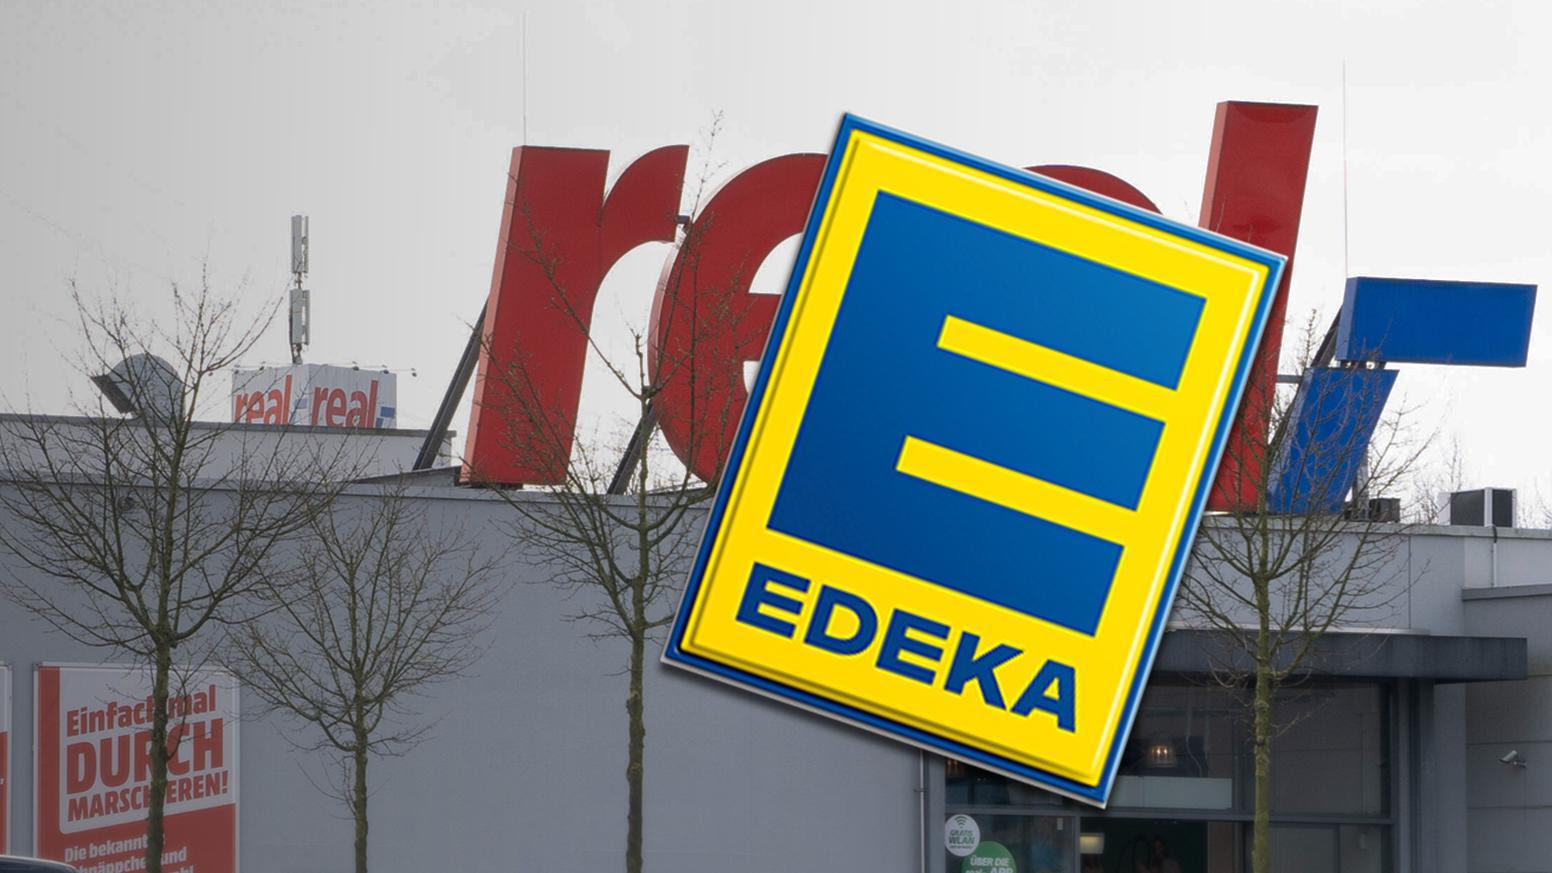 Edeka sichert sich weitere Real-Filialen: An diesen 7 Standorten übernimmt die Supermarktkette